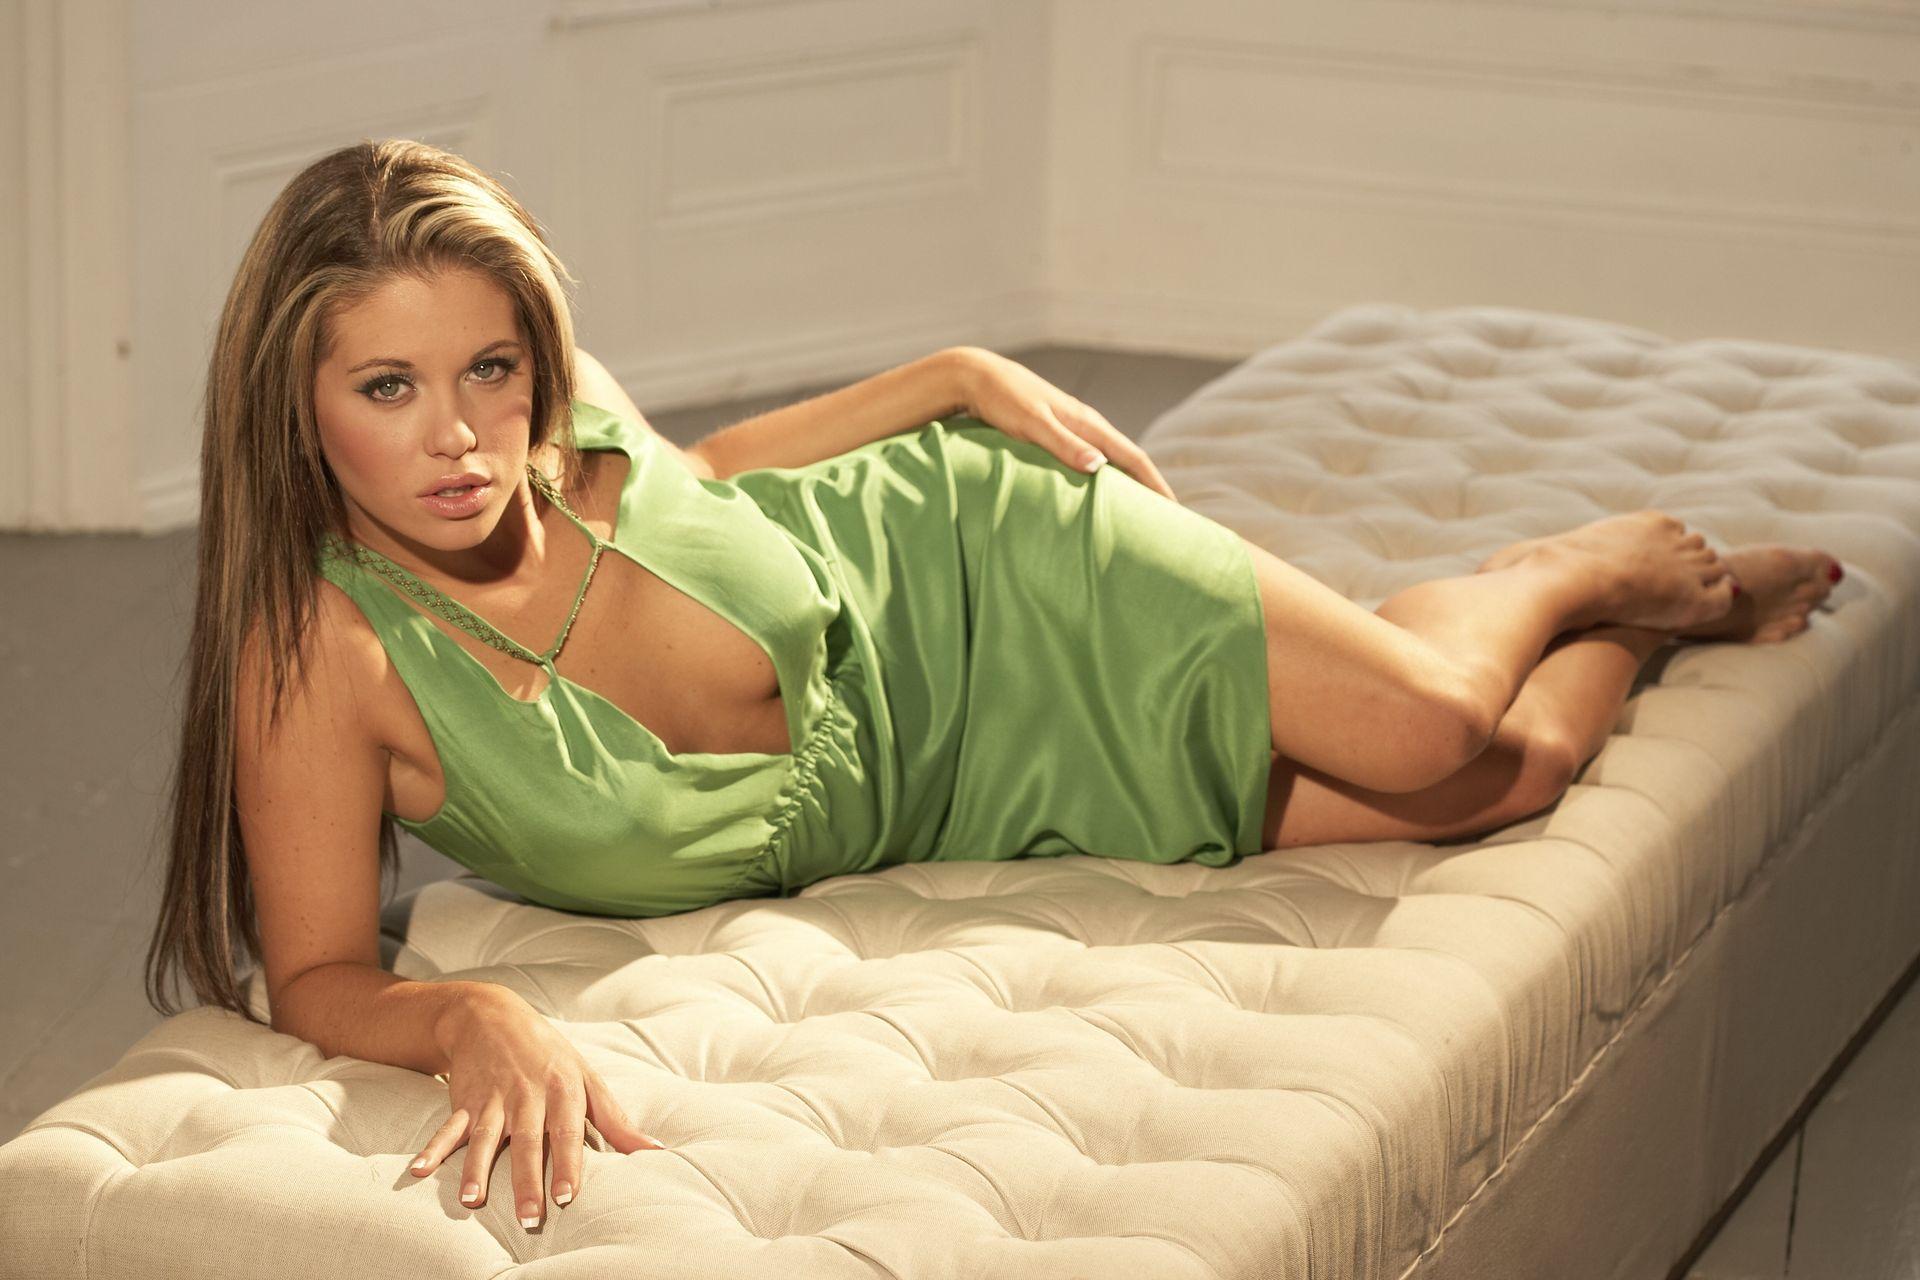 bianca-gascoigne-nude-sexy-15-thefappeningblog.com_.jpg